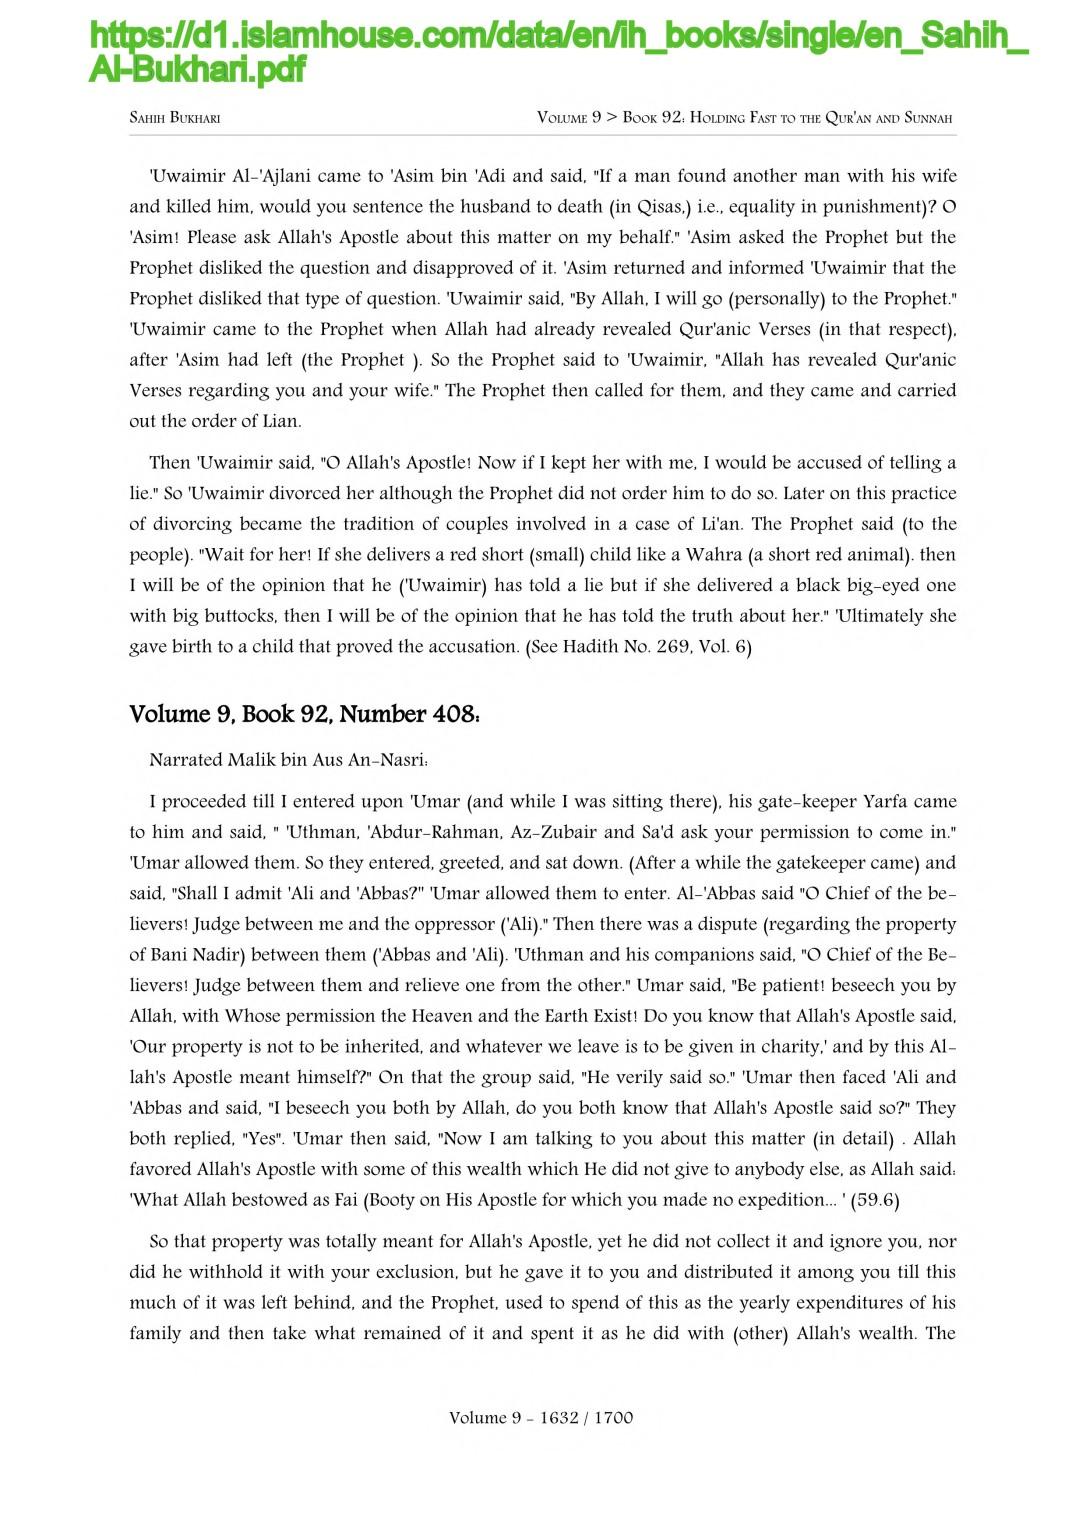 Sahih_Al-Bukhari_1631 (2)